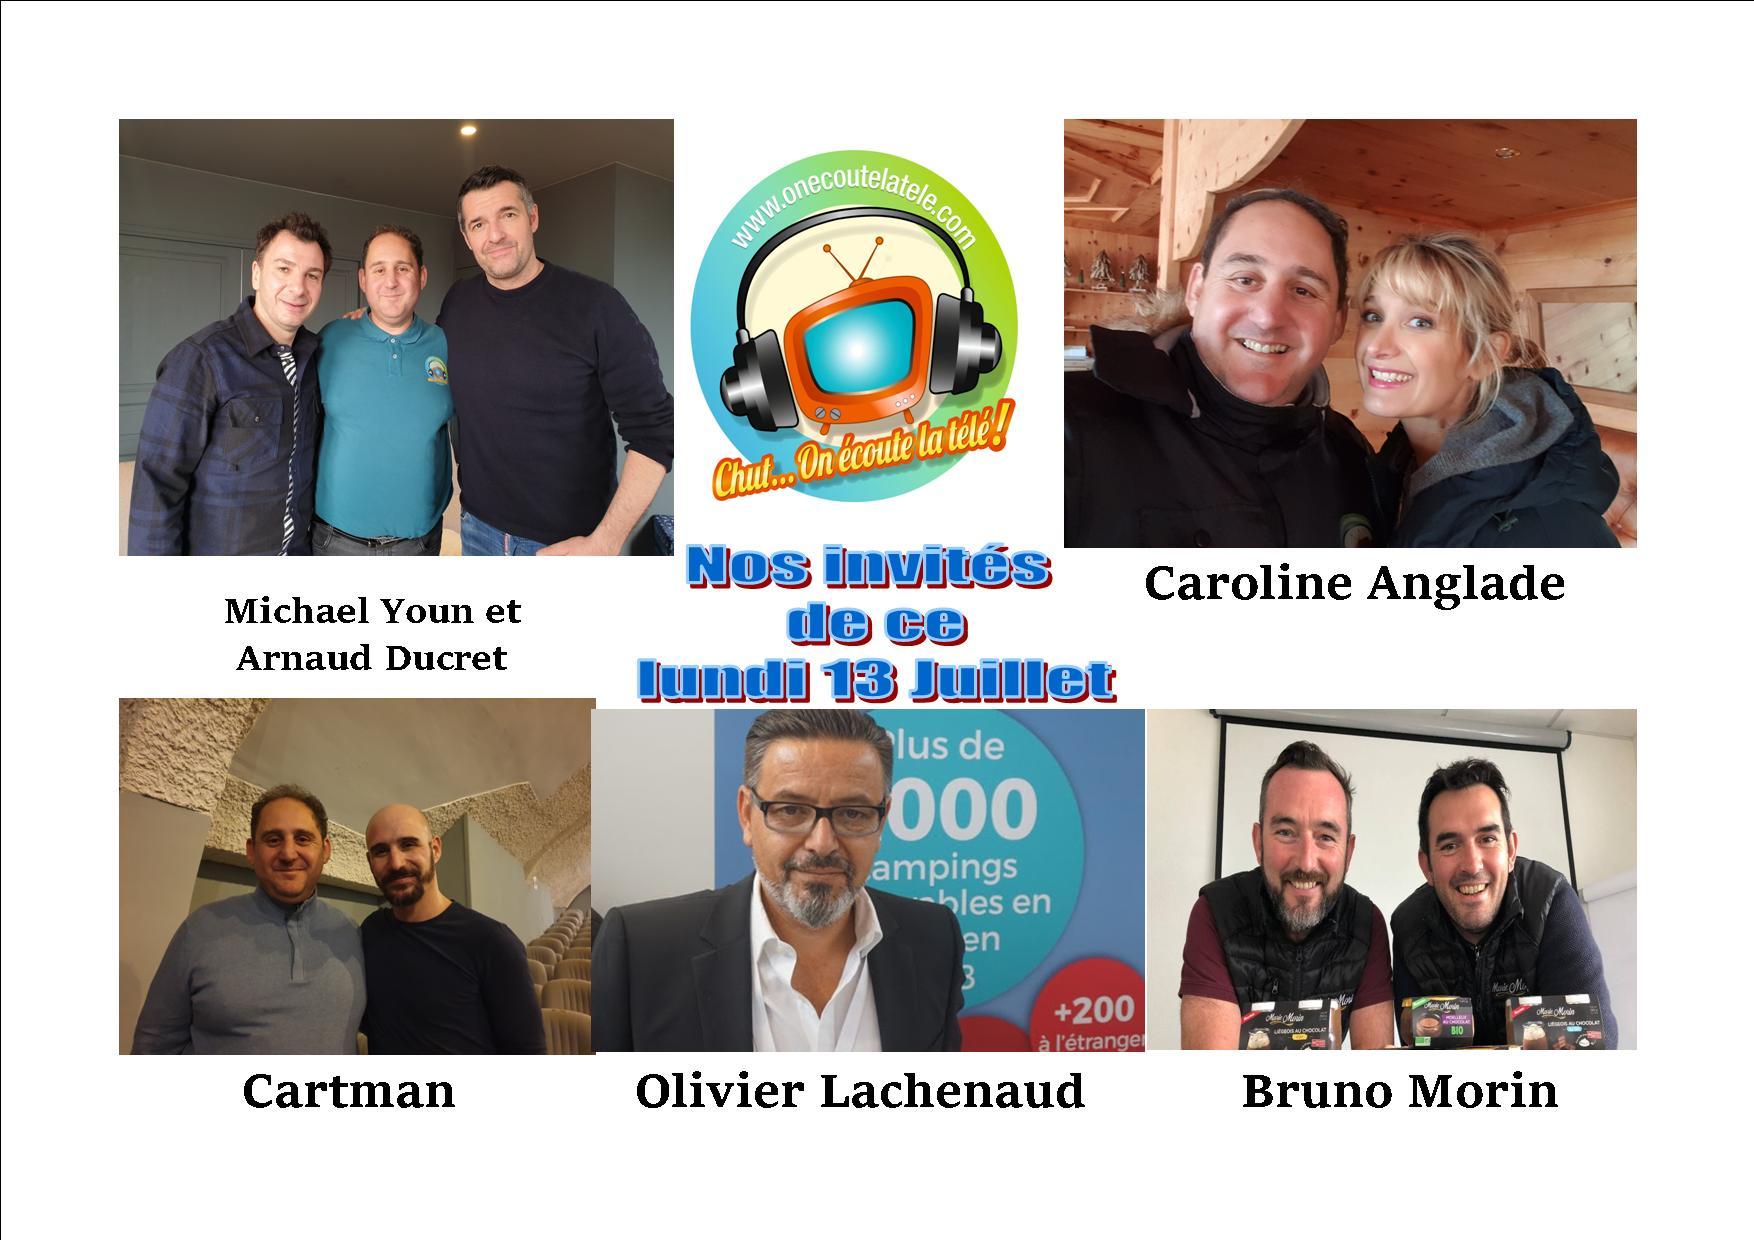 Michael Youn, Arnaud Ducret, Caroline Anglade et Cartman spécial Divorce Club ce lundi 13 juillet dans Chut on écoute la télé